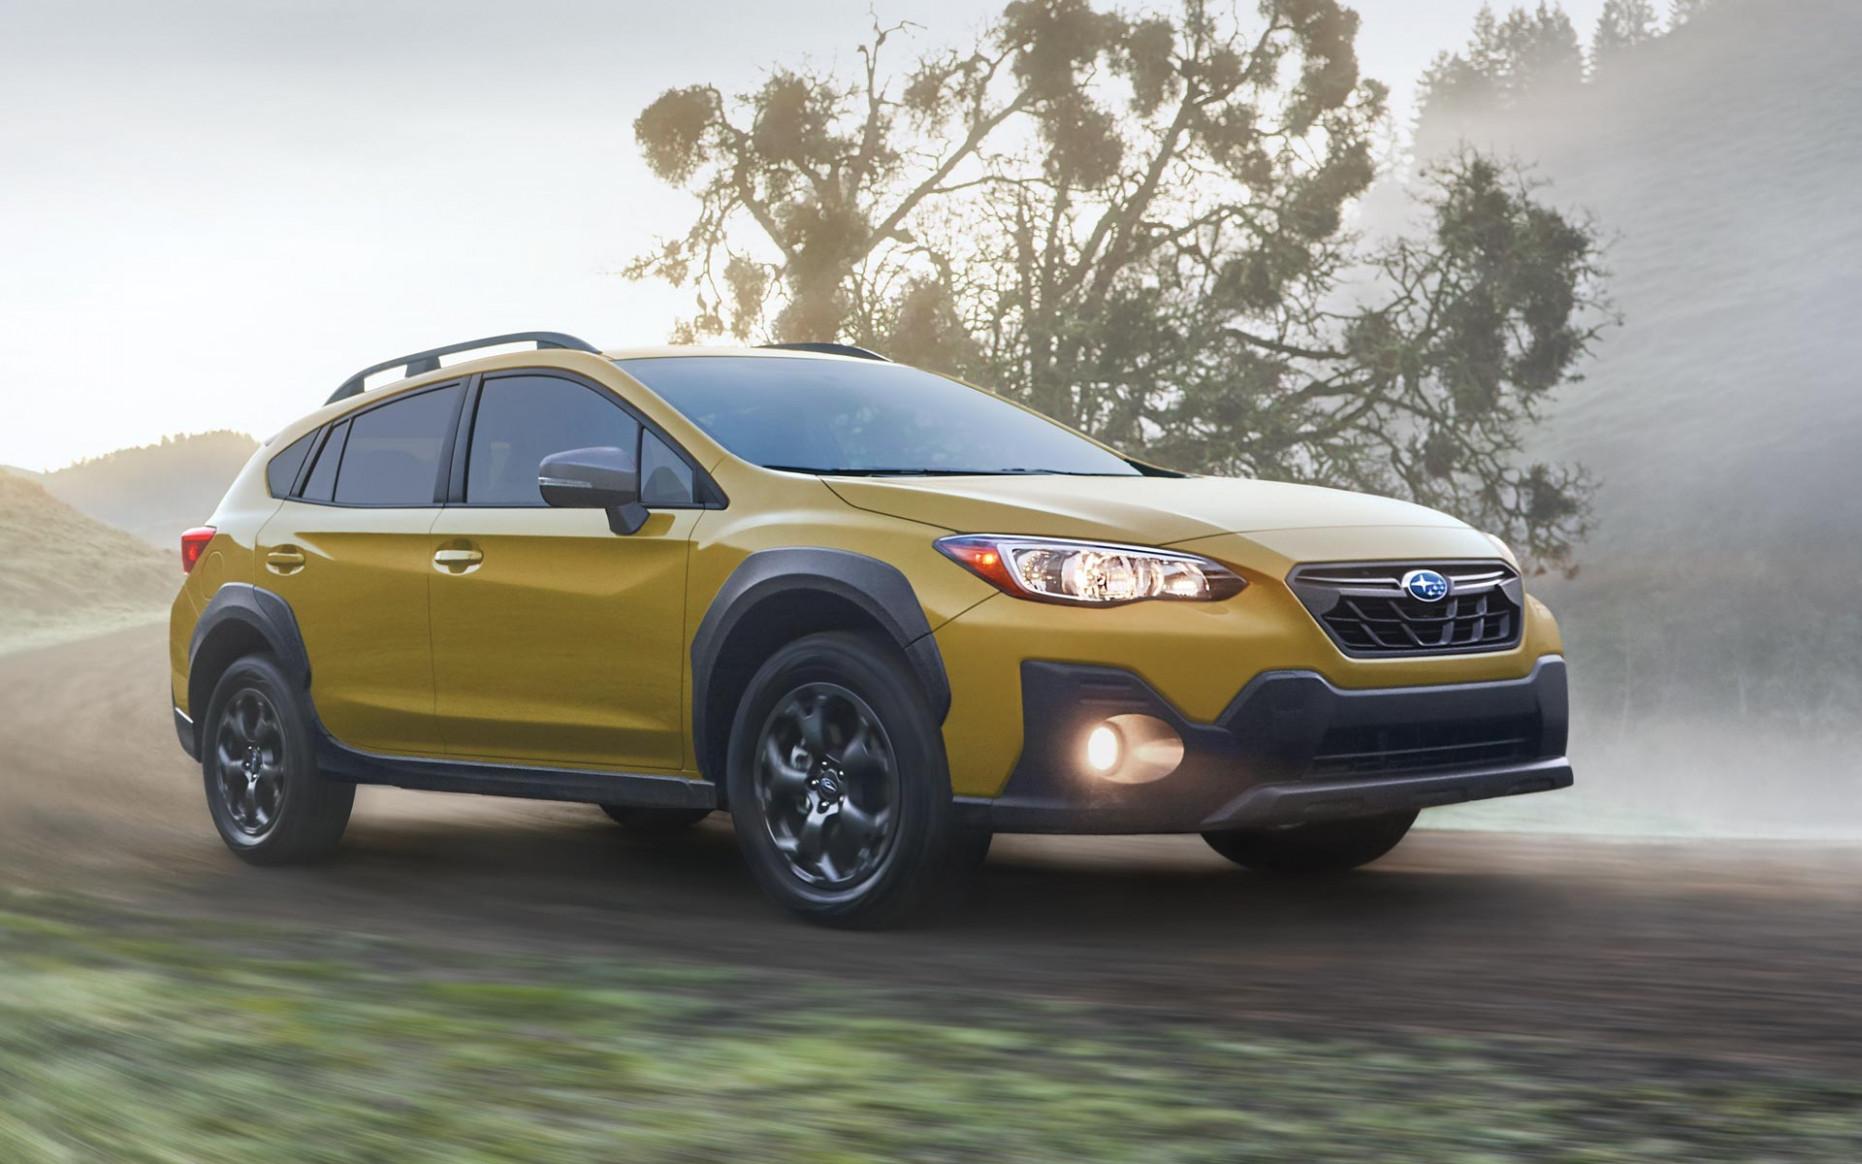 New Concept 2022 Subaru Crosstrek Release Date